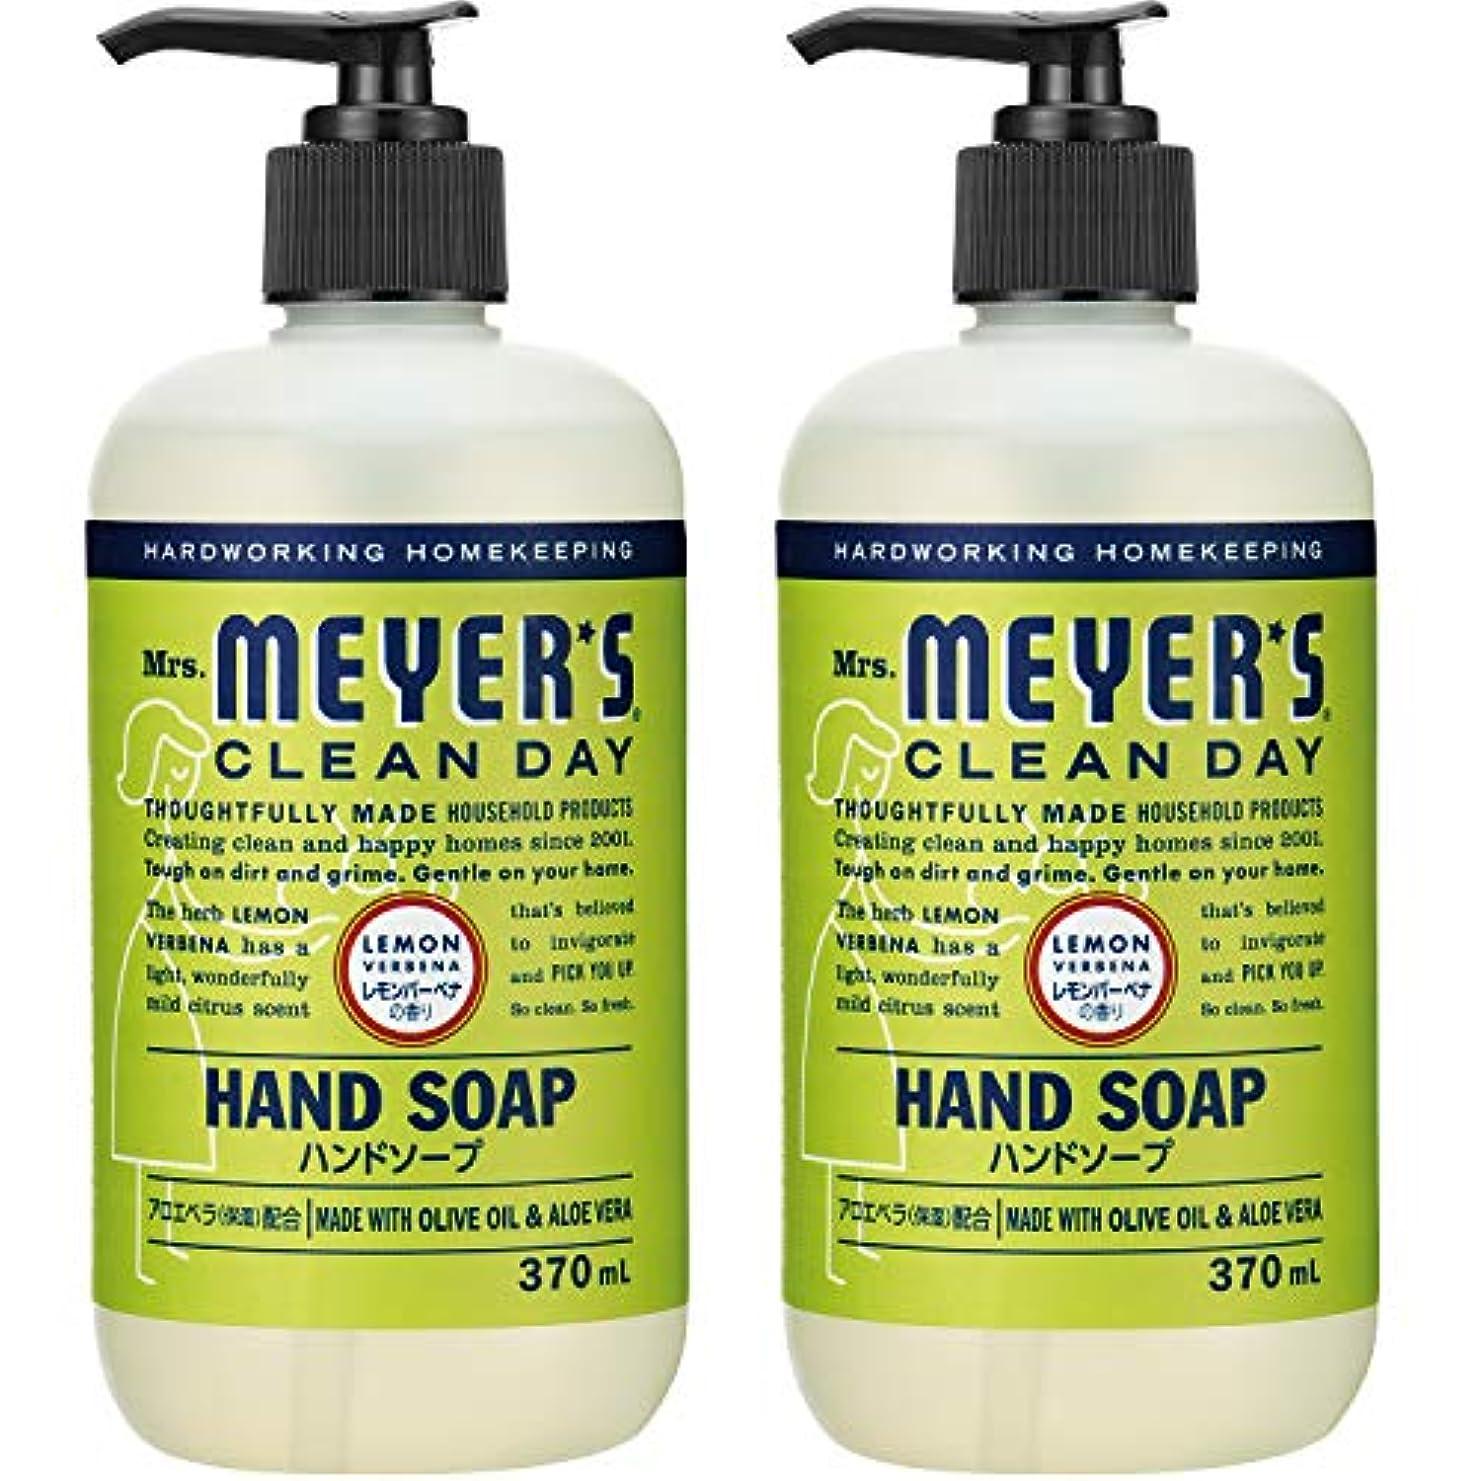 上流の隔離反逆Mrs. MEYER'S CLEAN DAY(ミセスマイヤーズ クリーンデイ) ミセスマイヤーズ クリーンデイ(Mrs.Meyers Clean Day) ハンドソープ レモンバーベナの香り 370ml×2個